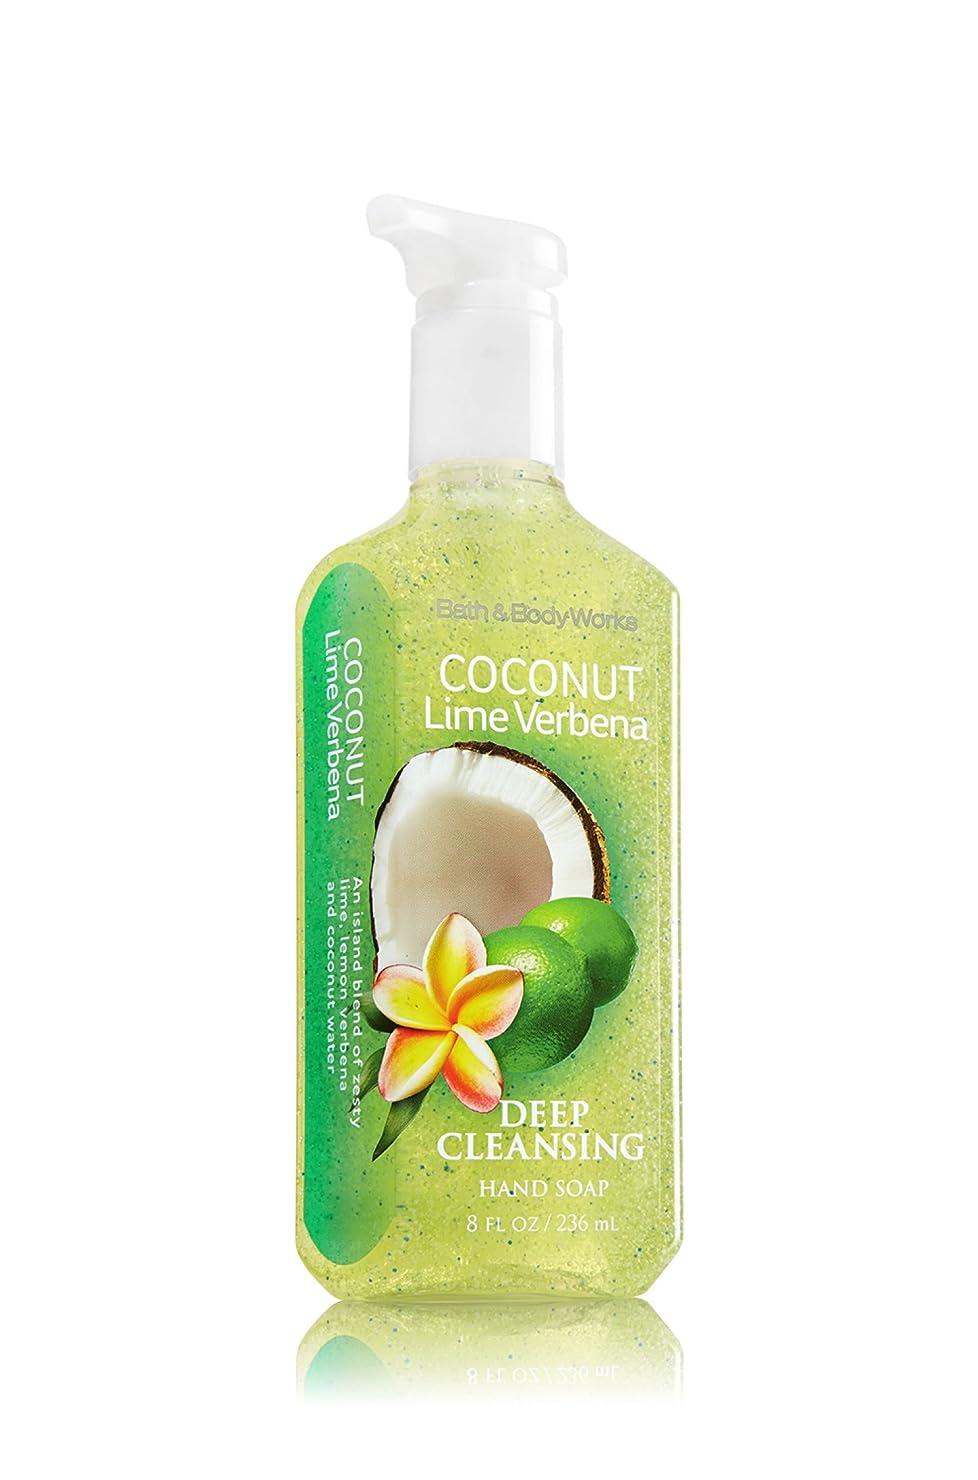 パントリーバンカーエイズバス&ボディワークス ココナッツライムバーベナ ディープクレンジングハンドソープ Coconut Lime Verbena Deep Cleansing Hand Soap